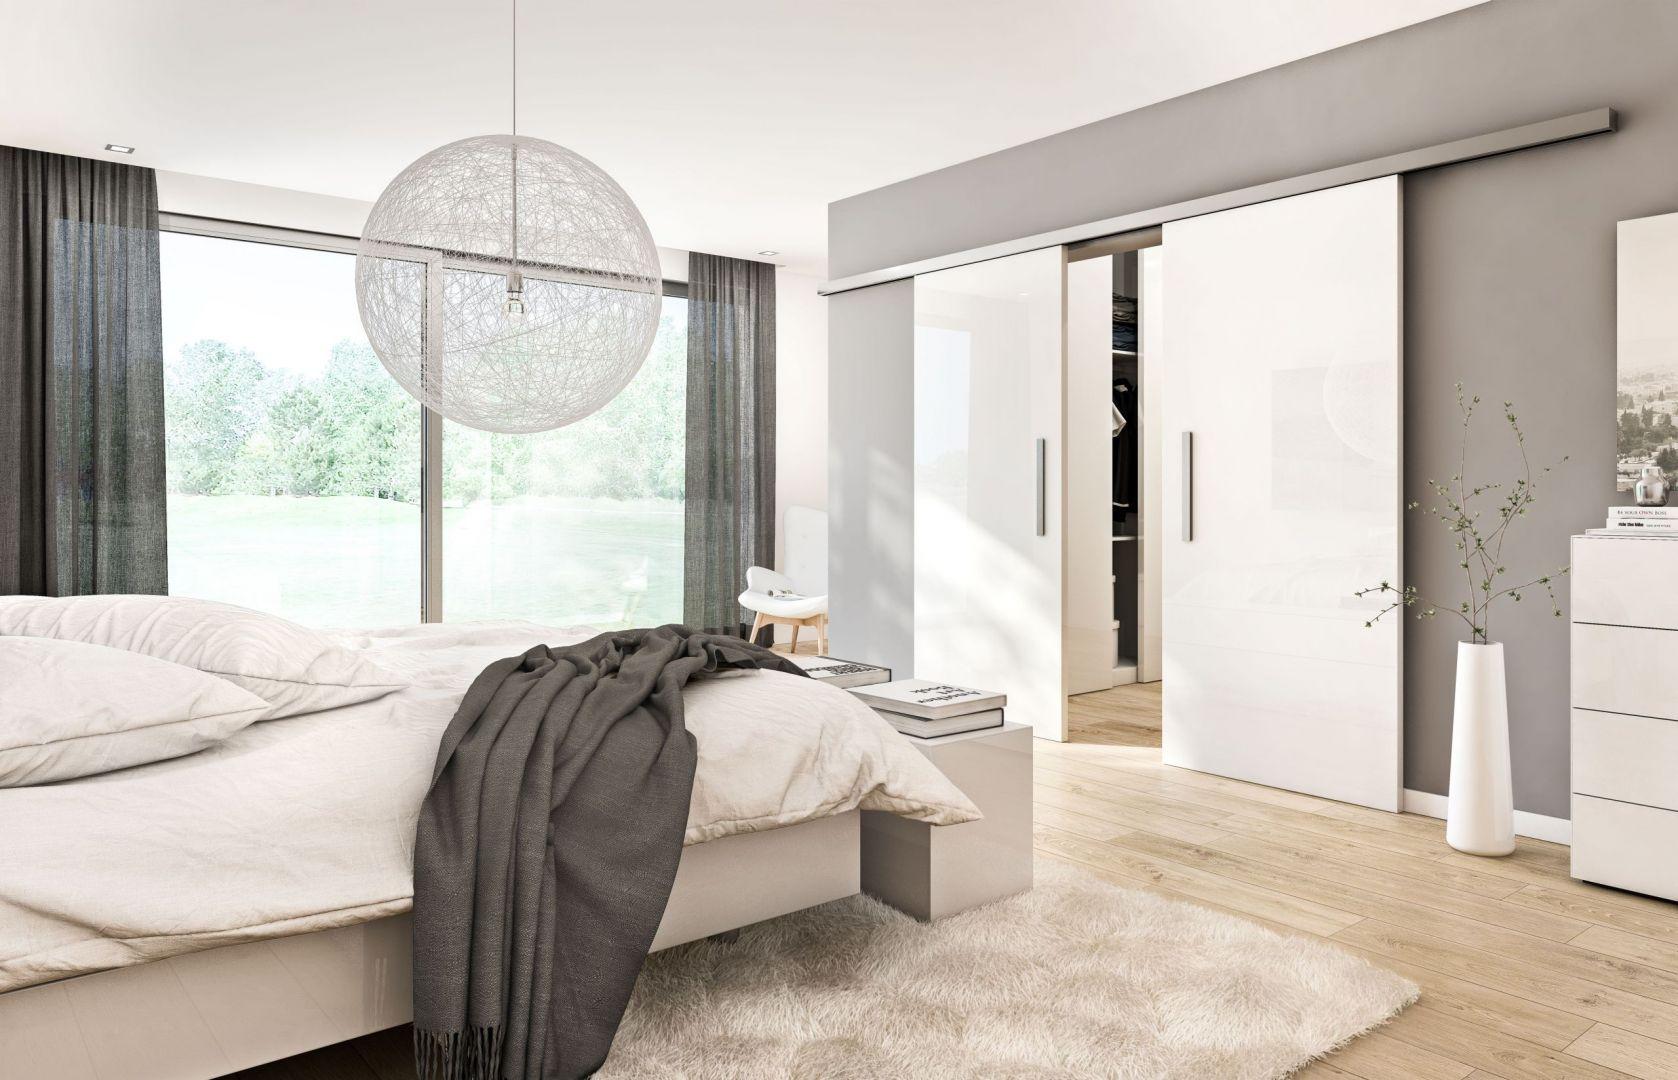 Drzwi przesuwne SlideCompact serii Concepto DesignLine z powierzchnią Duradecor dostępne w ofercie firmy Hörmann. Fot. Hörmann